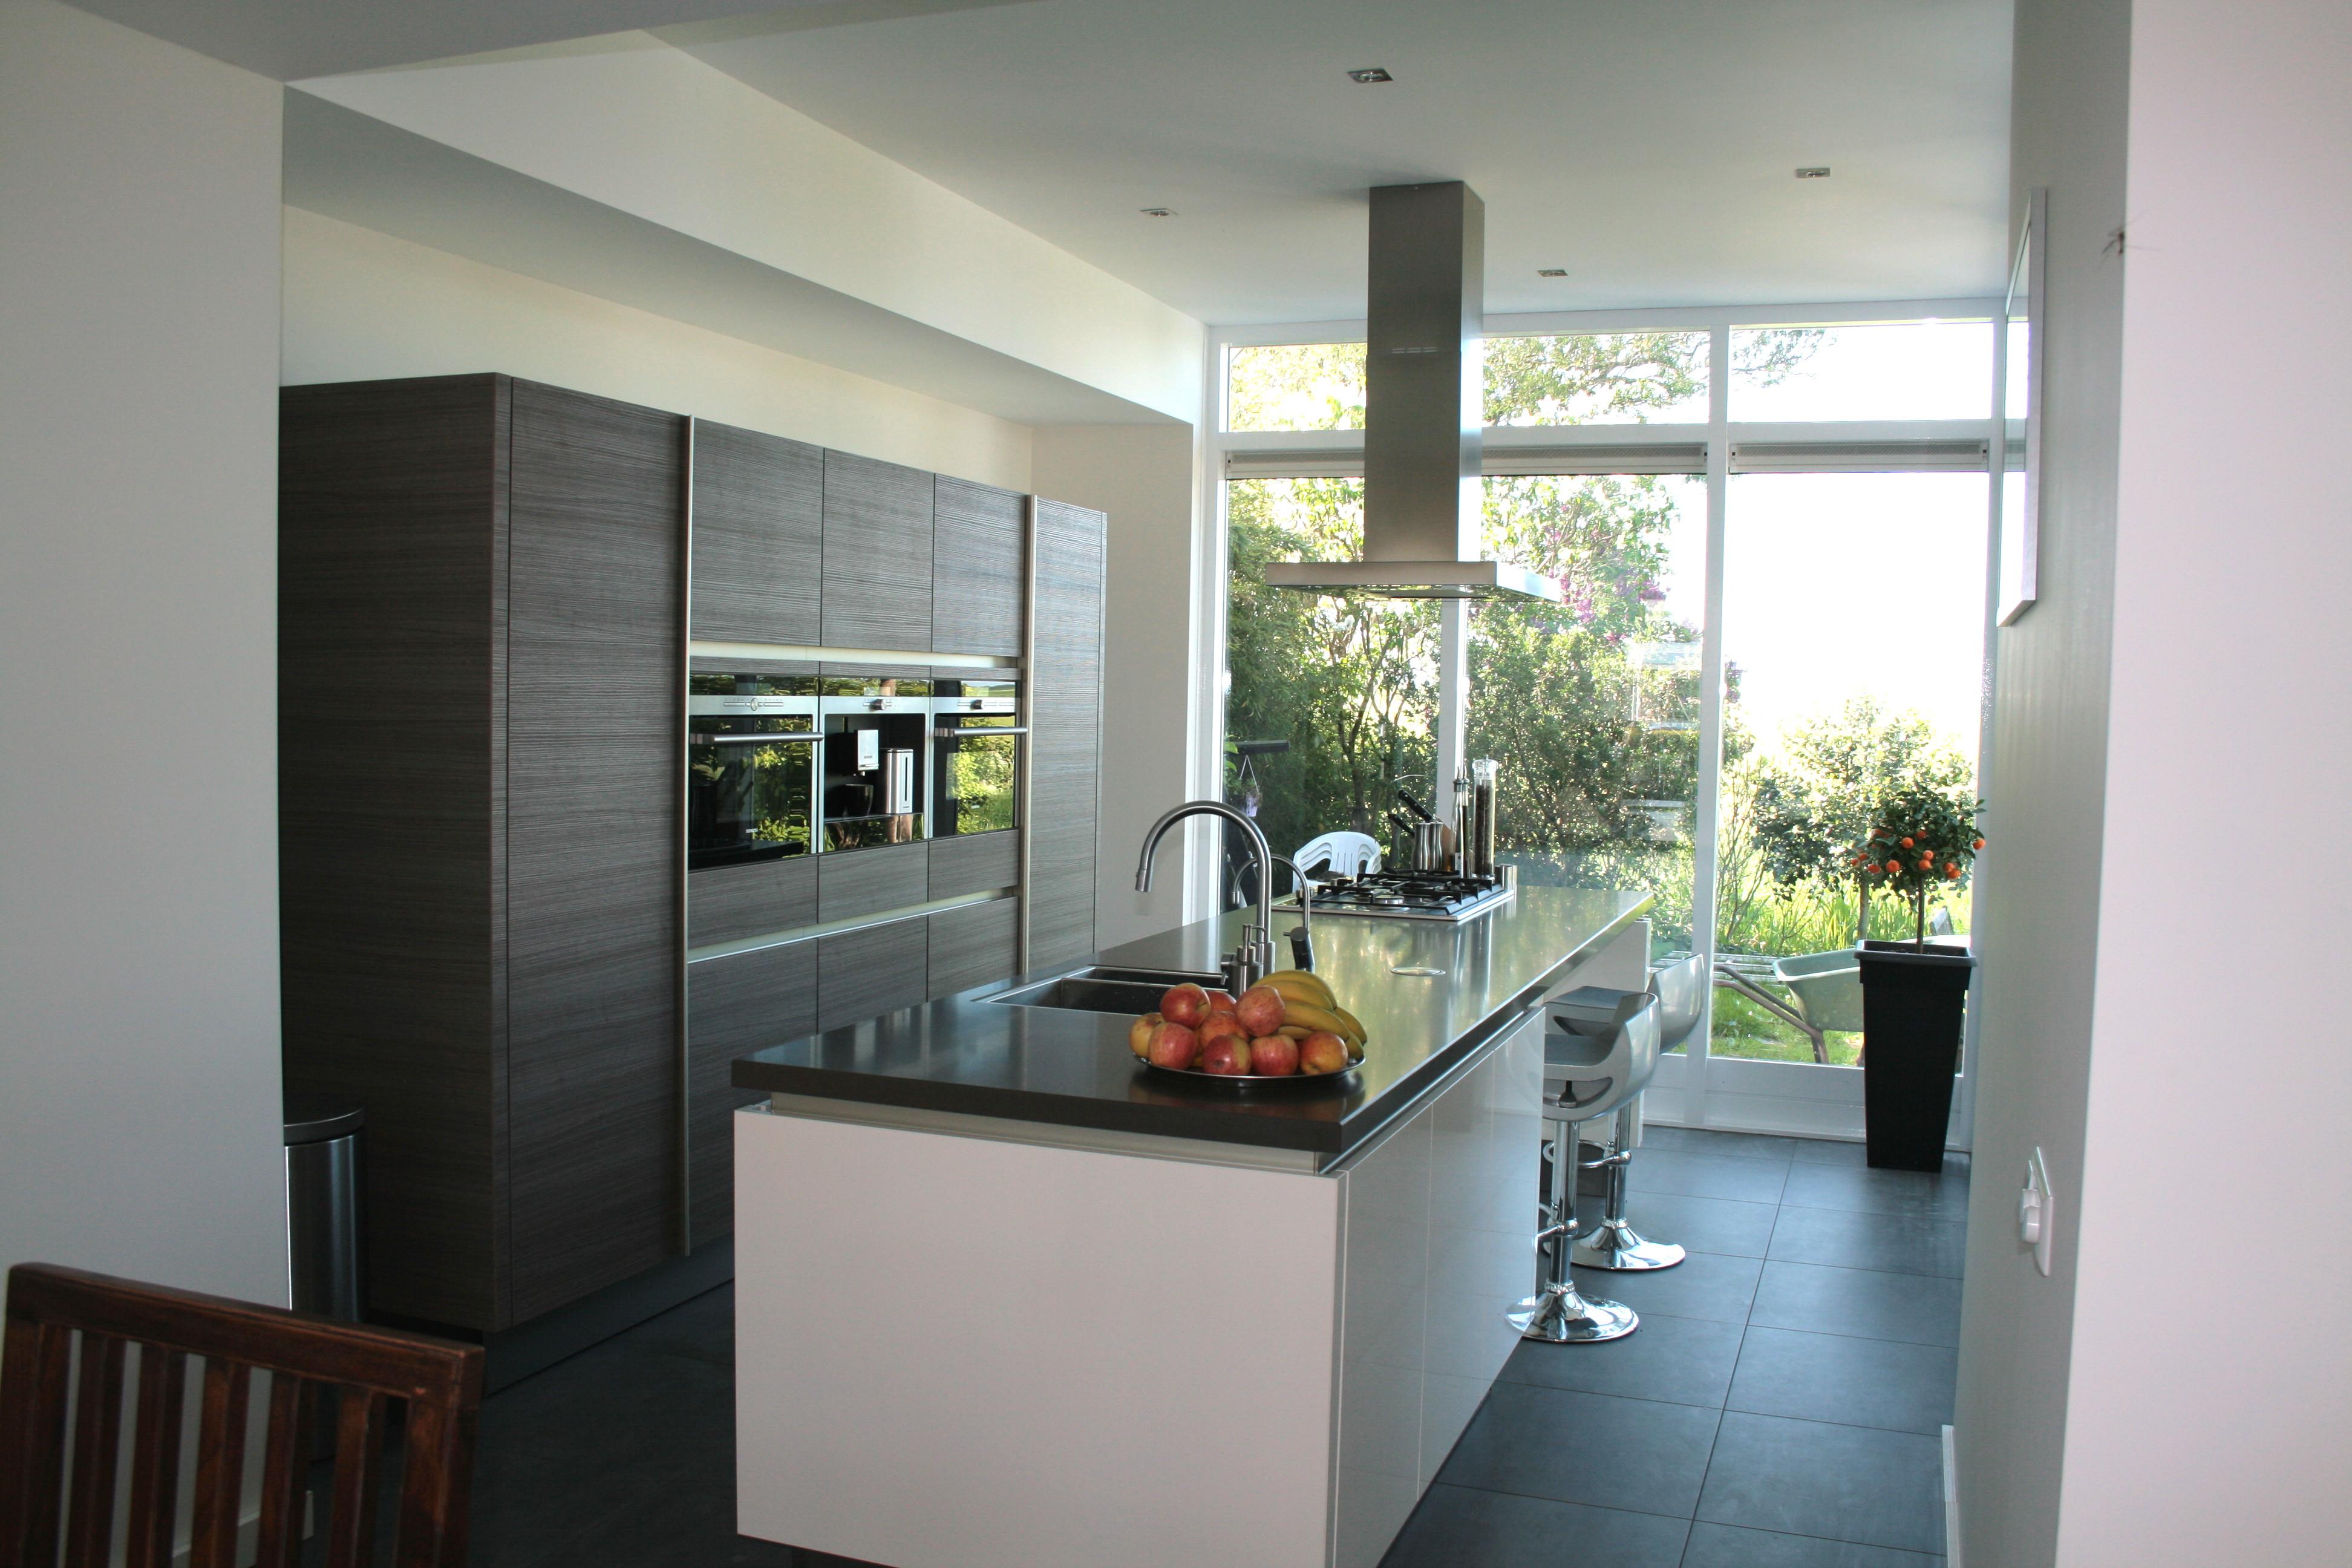 Open keuken of niet - Keuken open voor woonkamer ...